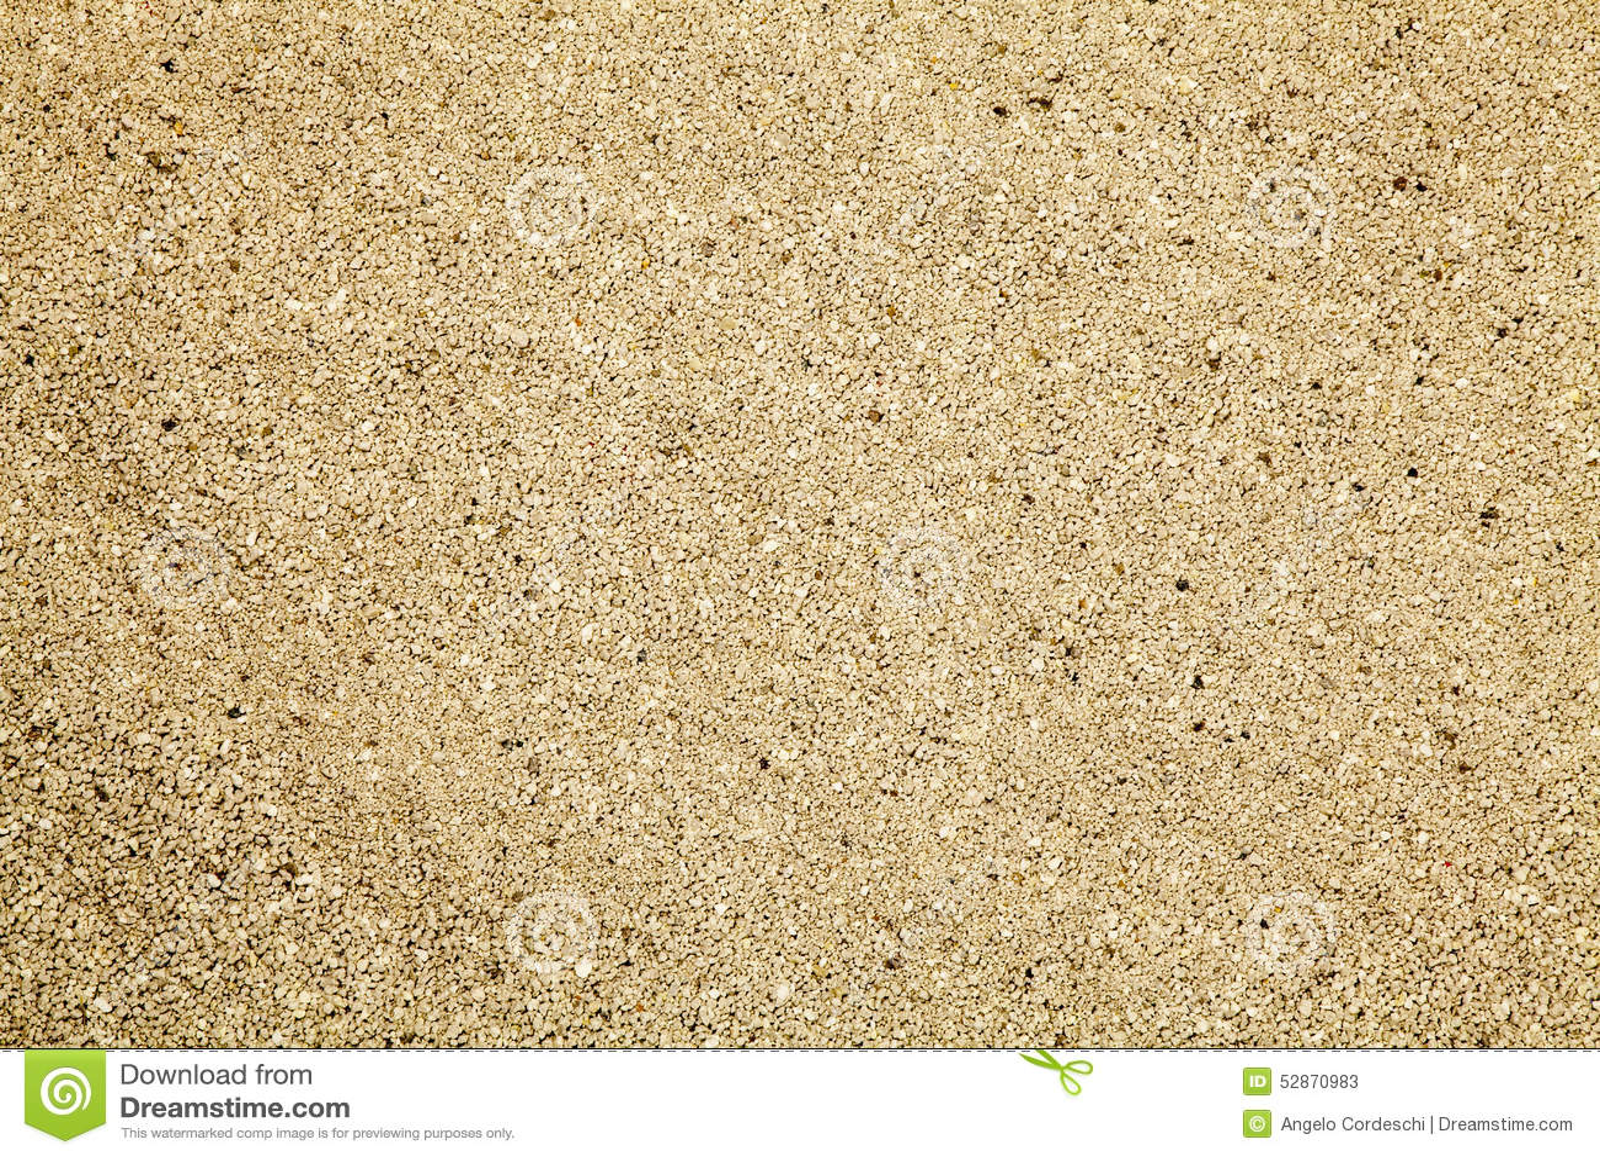 Sand for cat litter